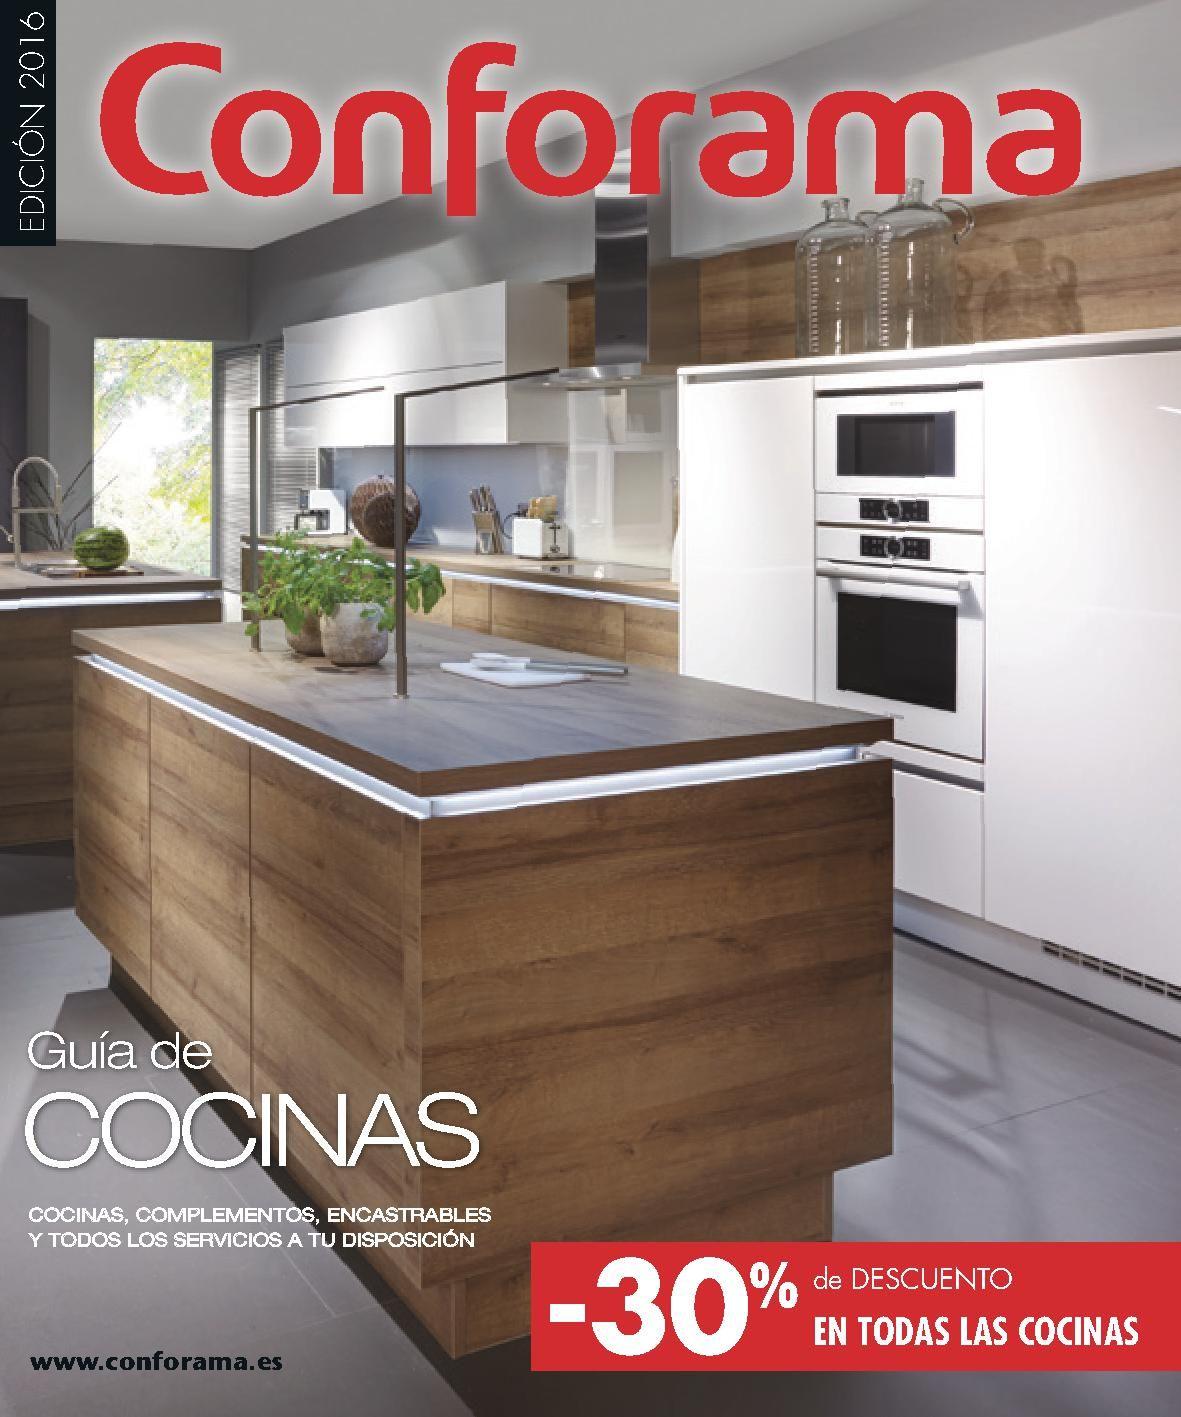 Cocinas conforama 2018 precios ofertas cocina for Precio muebles cocina